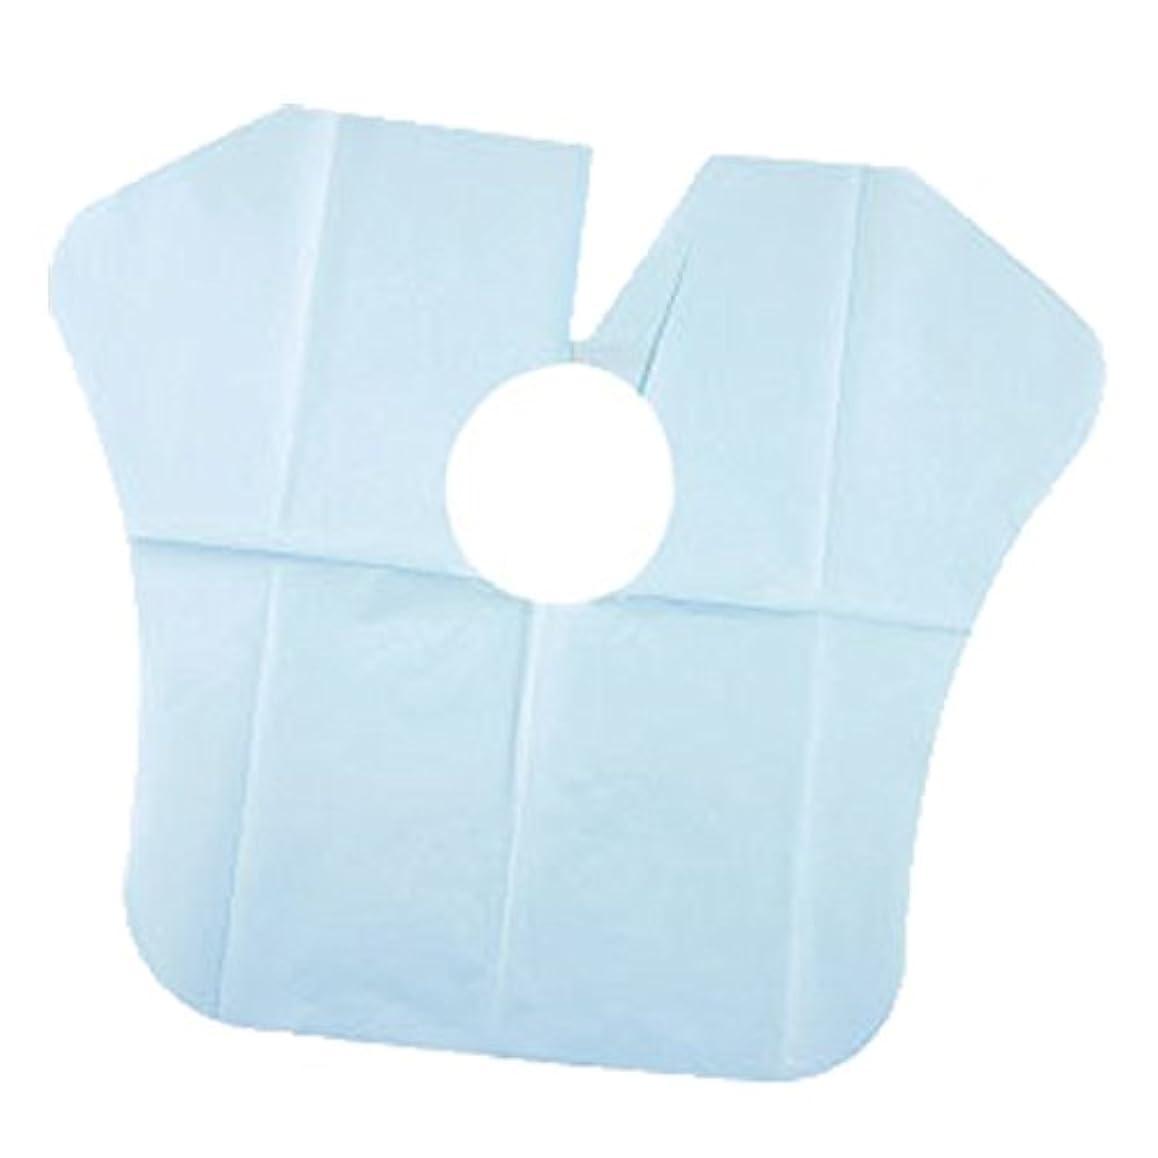 インディカ大破パンサーヨネコ ペーパーケープ 30枚入 不織布 ヘアダイクロスを汚れから守ります! YONECO